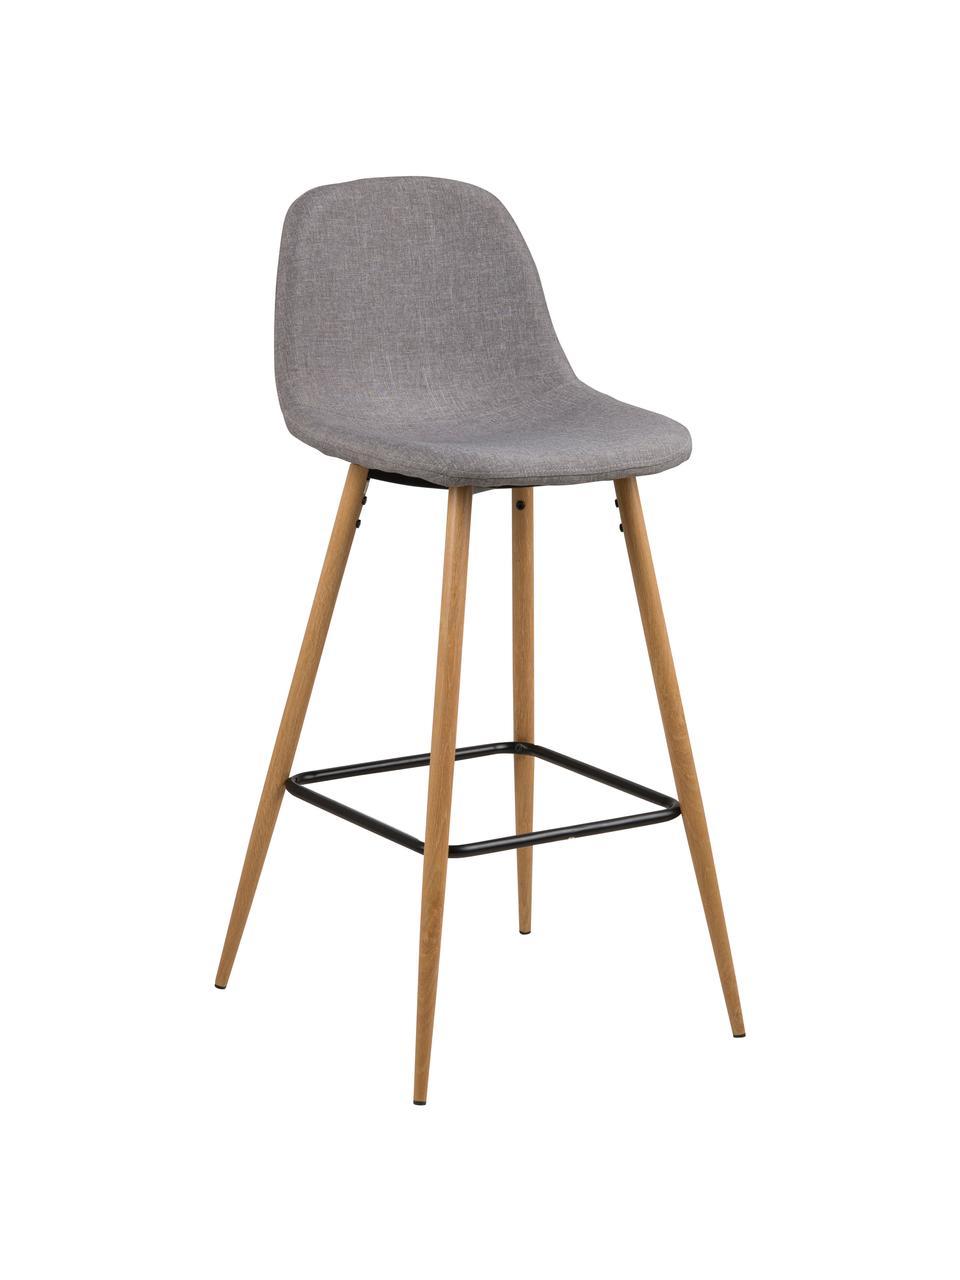 Barstuhl Wilma in Grau, Beine: Metall mit Eichedekor, Bezug: Polyester, Beine: Eiche Streben: Schwarz Bezug: Hellgrau, 47 x 101 cm